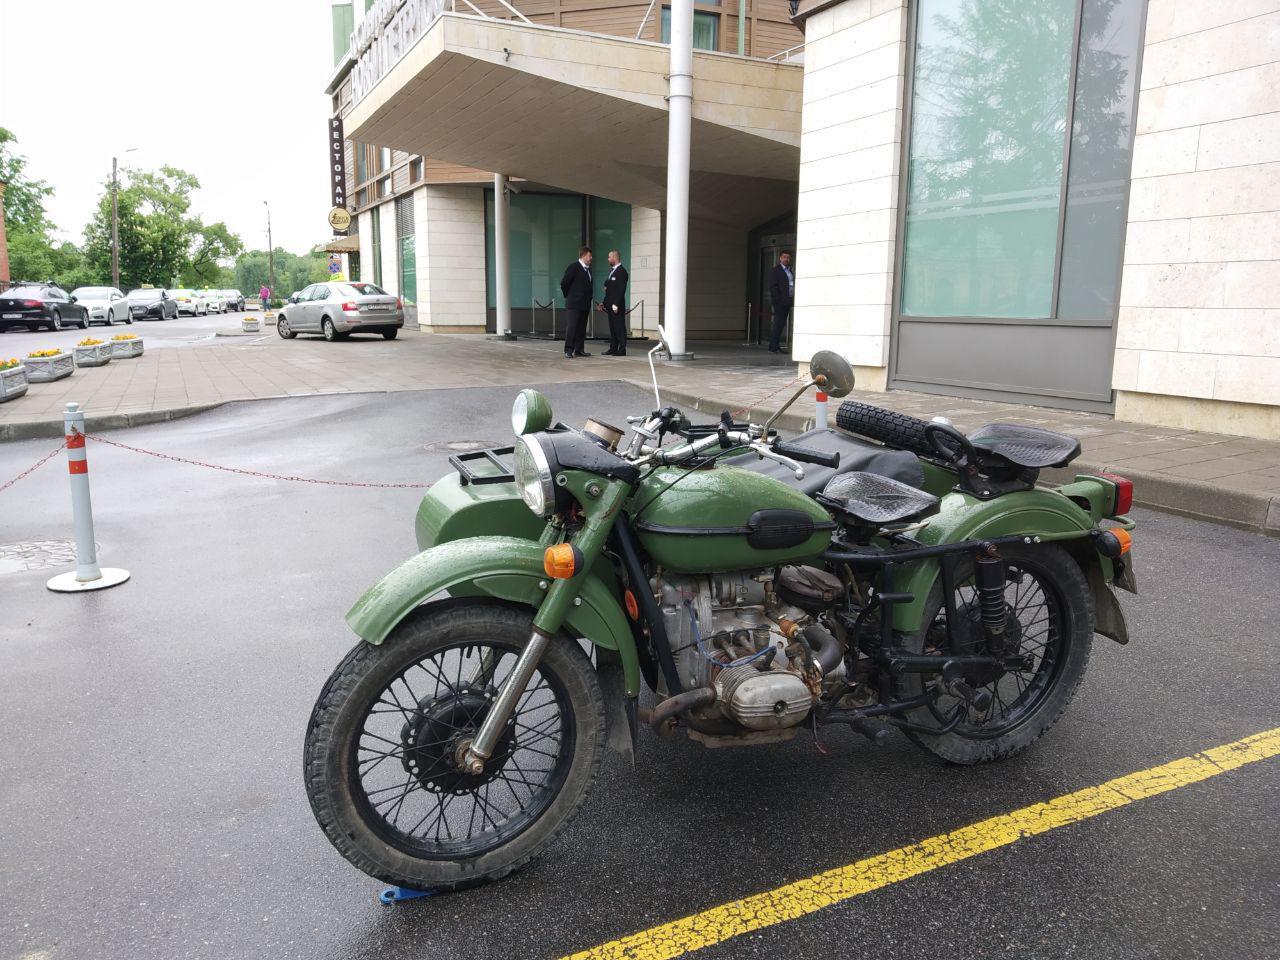 Мотоцикл «Урал» (Ирбитский Мотоциклетный Завод). В рамках модернизации почти полностью спроектирован в КОМПАС-3D